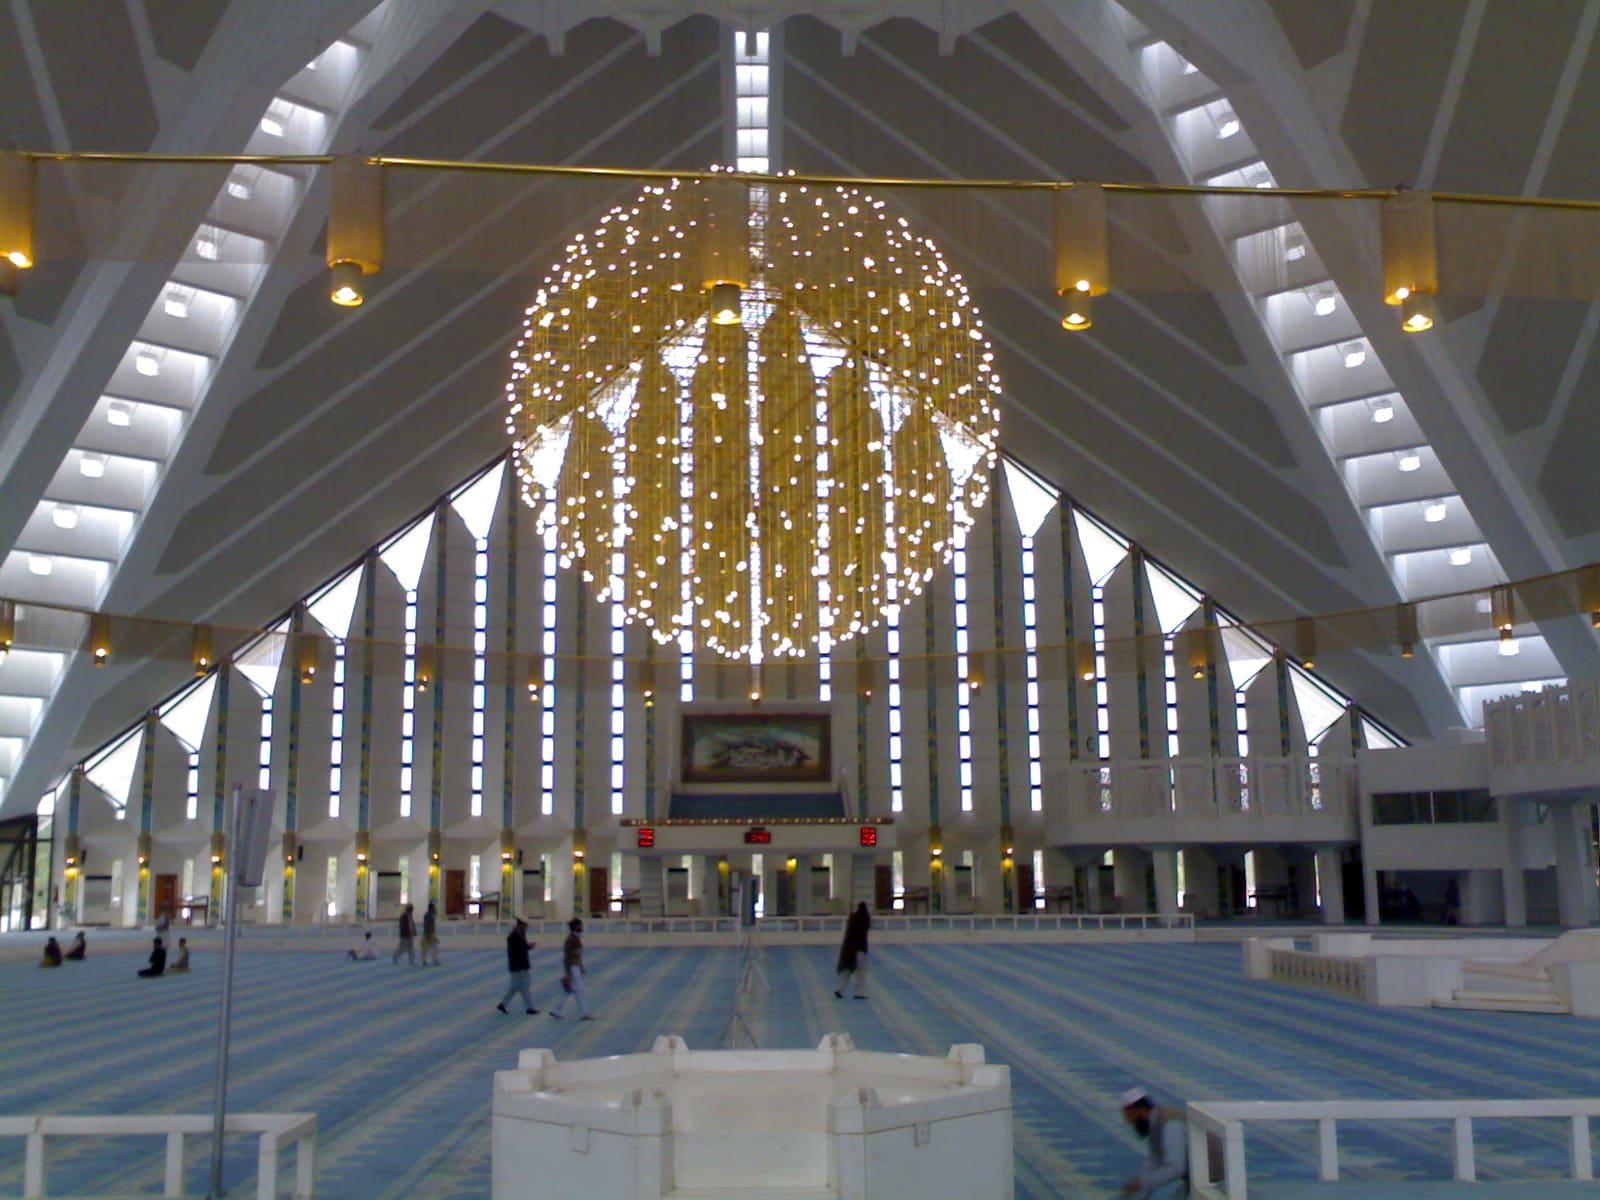 Interiorul moscheei este la fel de impresionant ca și exteriorul